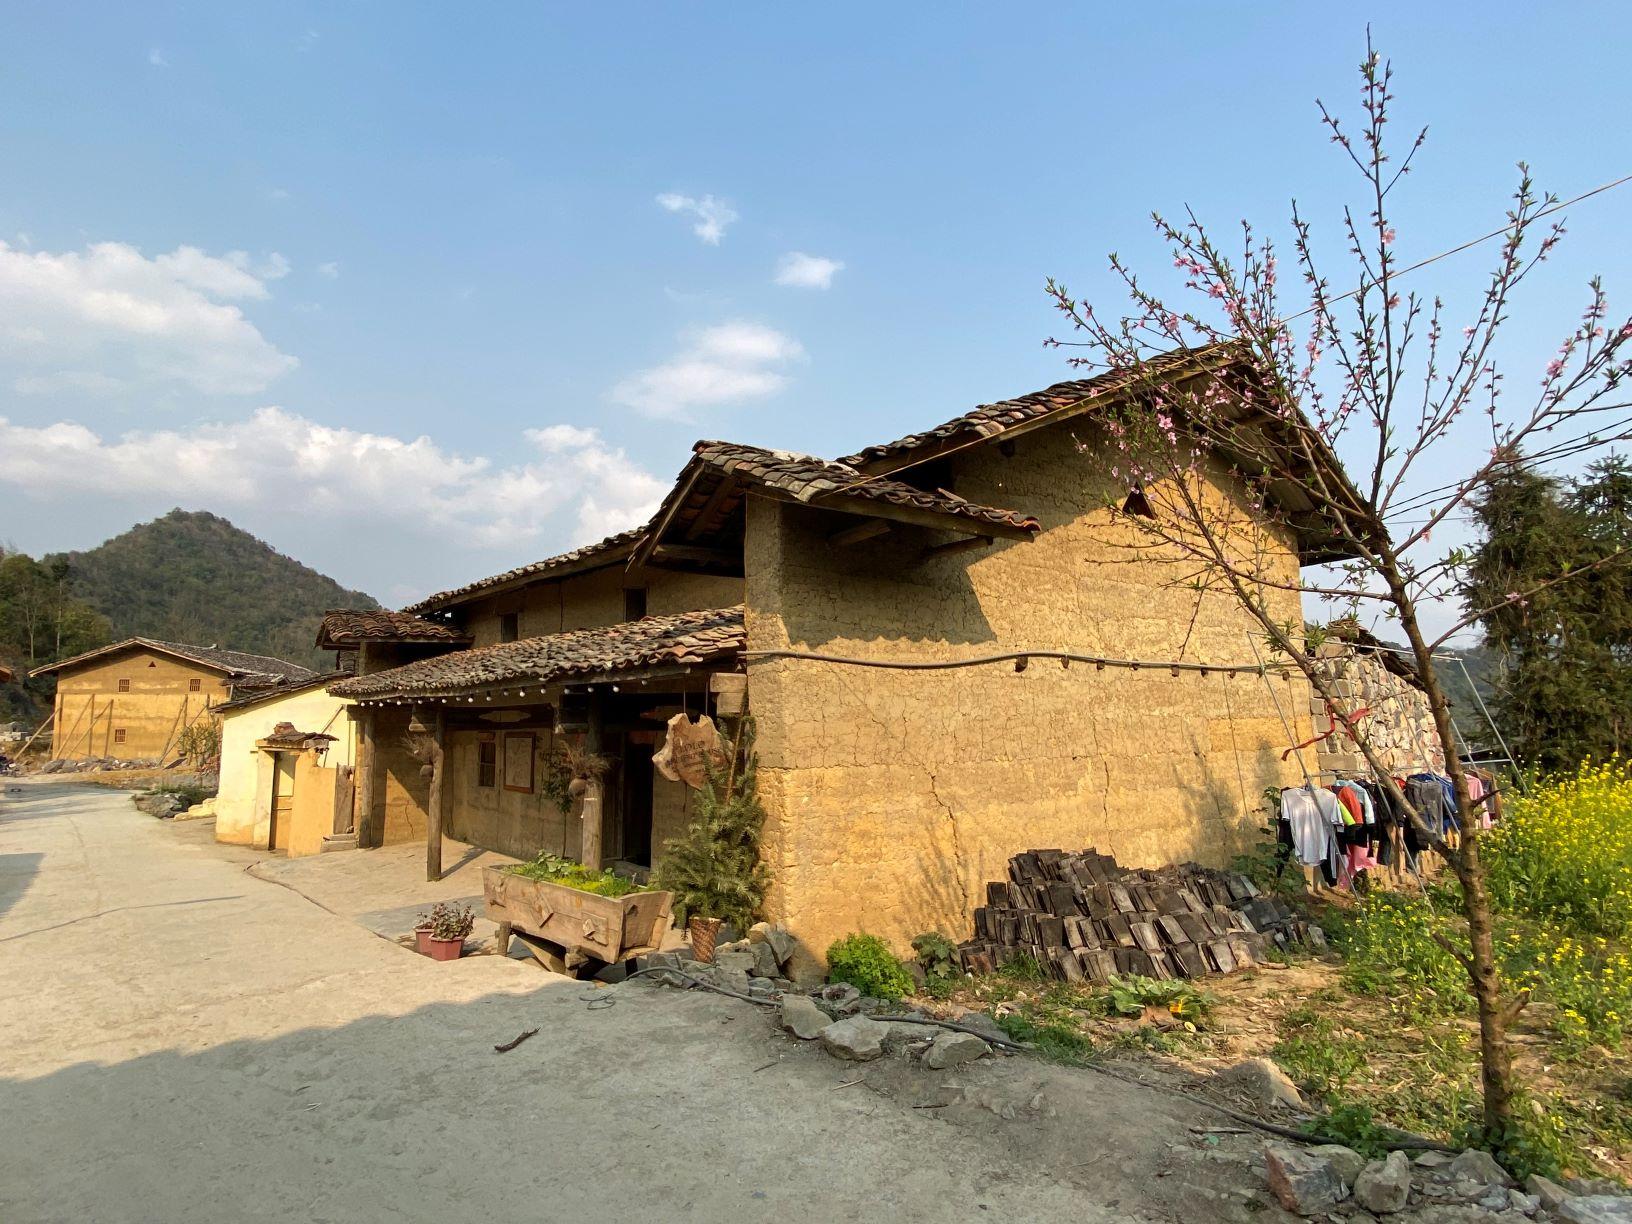 Nhà trình tường với bức tường đất vàng thổ và mái ngói âm dương thẫm màu thời gian